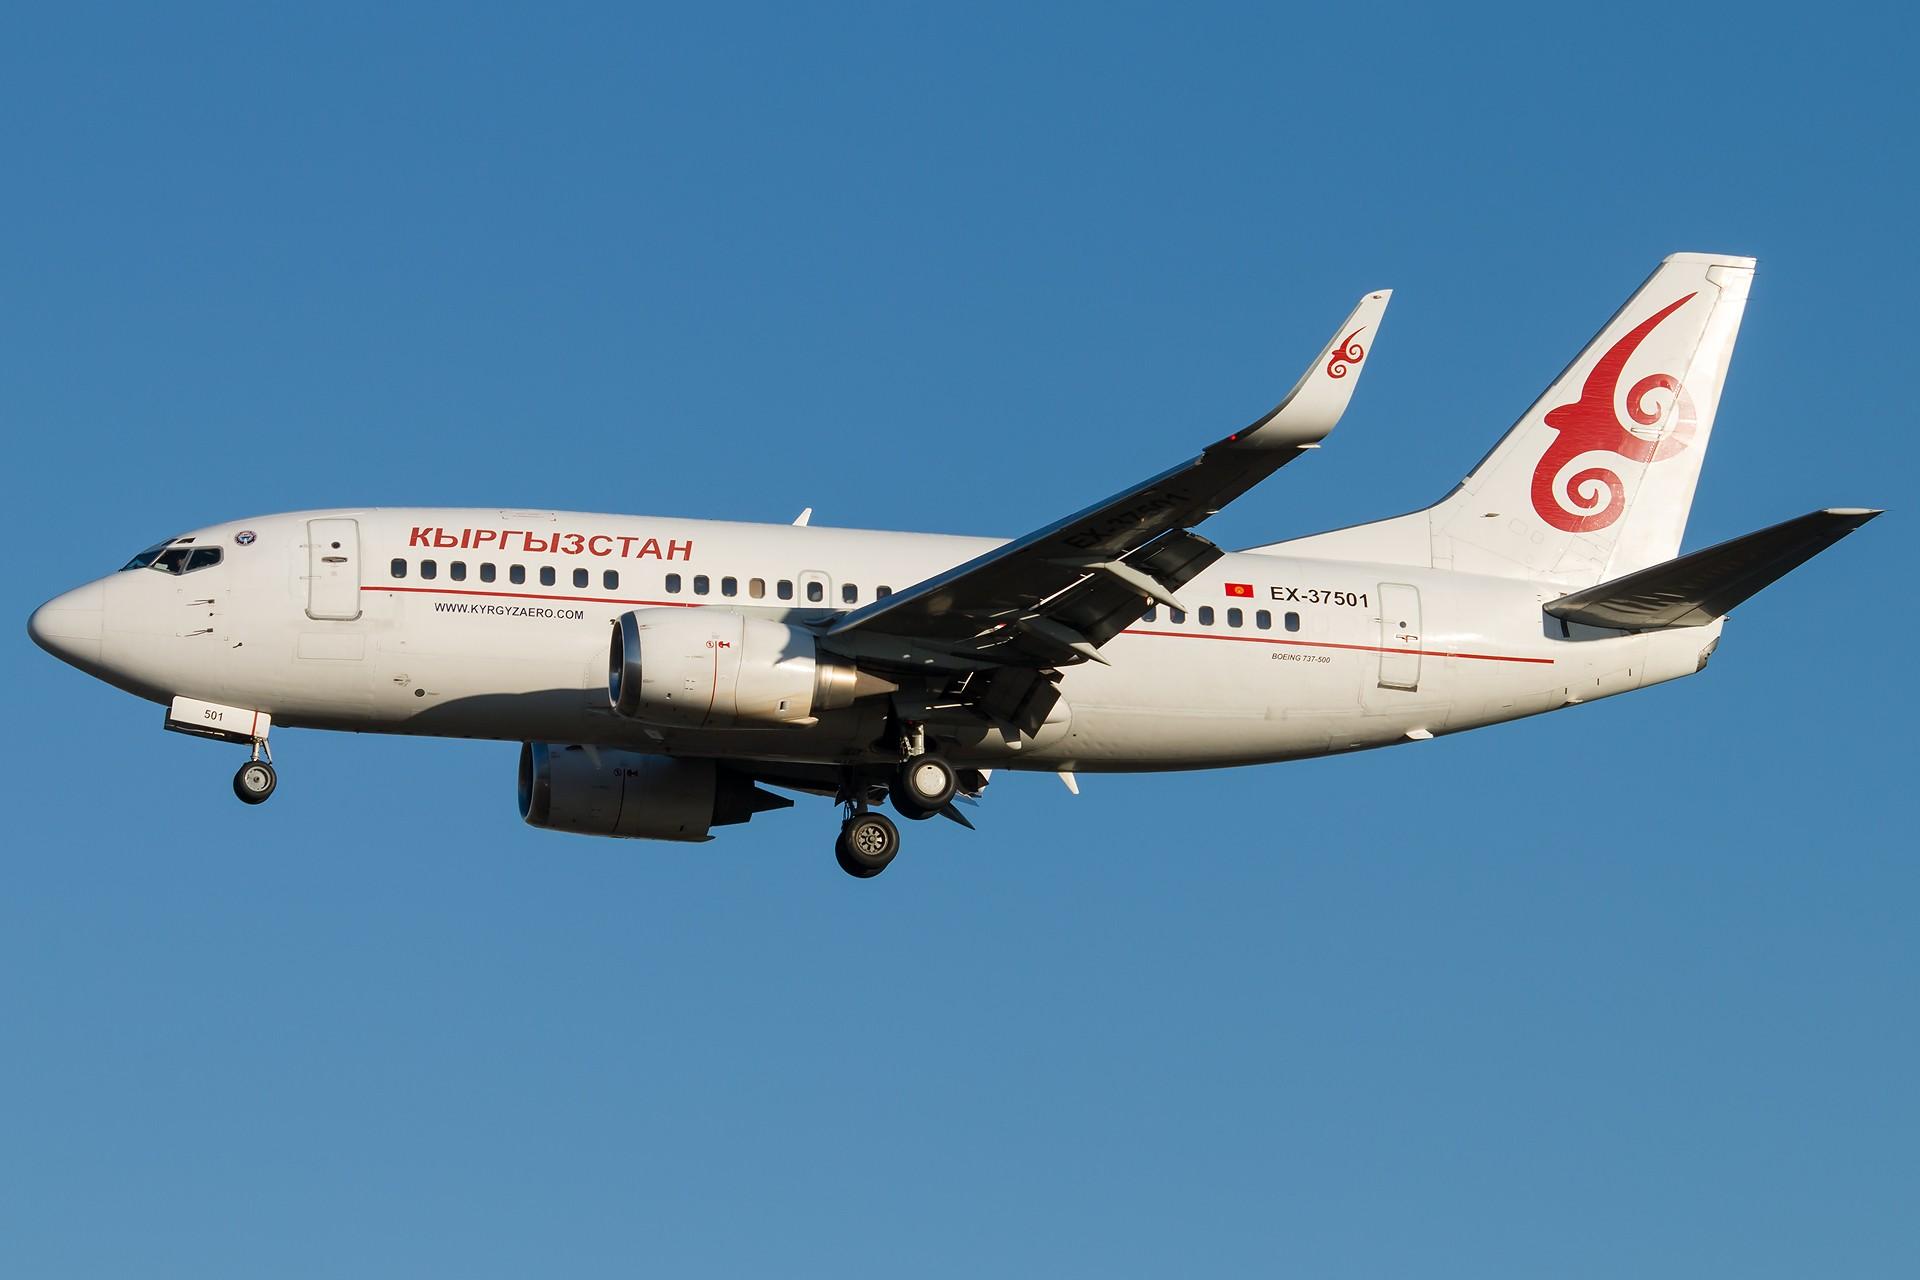 [原创][一图党] 吉尔吉斯斯坦 B737-500WL 1920*1280 BOEING 737-59D(WL) EX-37501 ZBAA/PEK